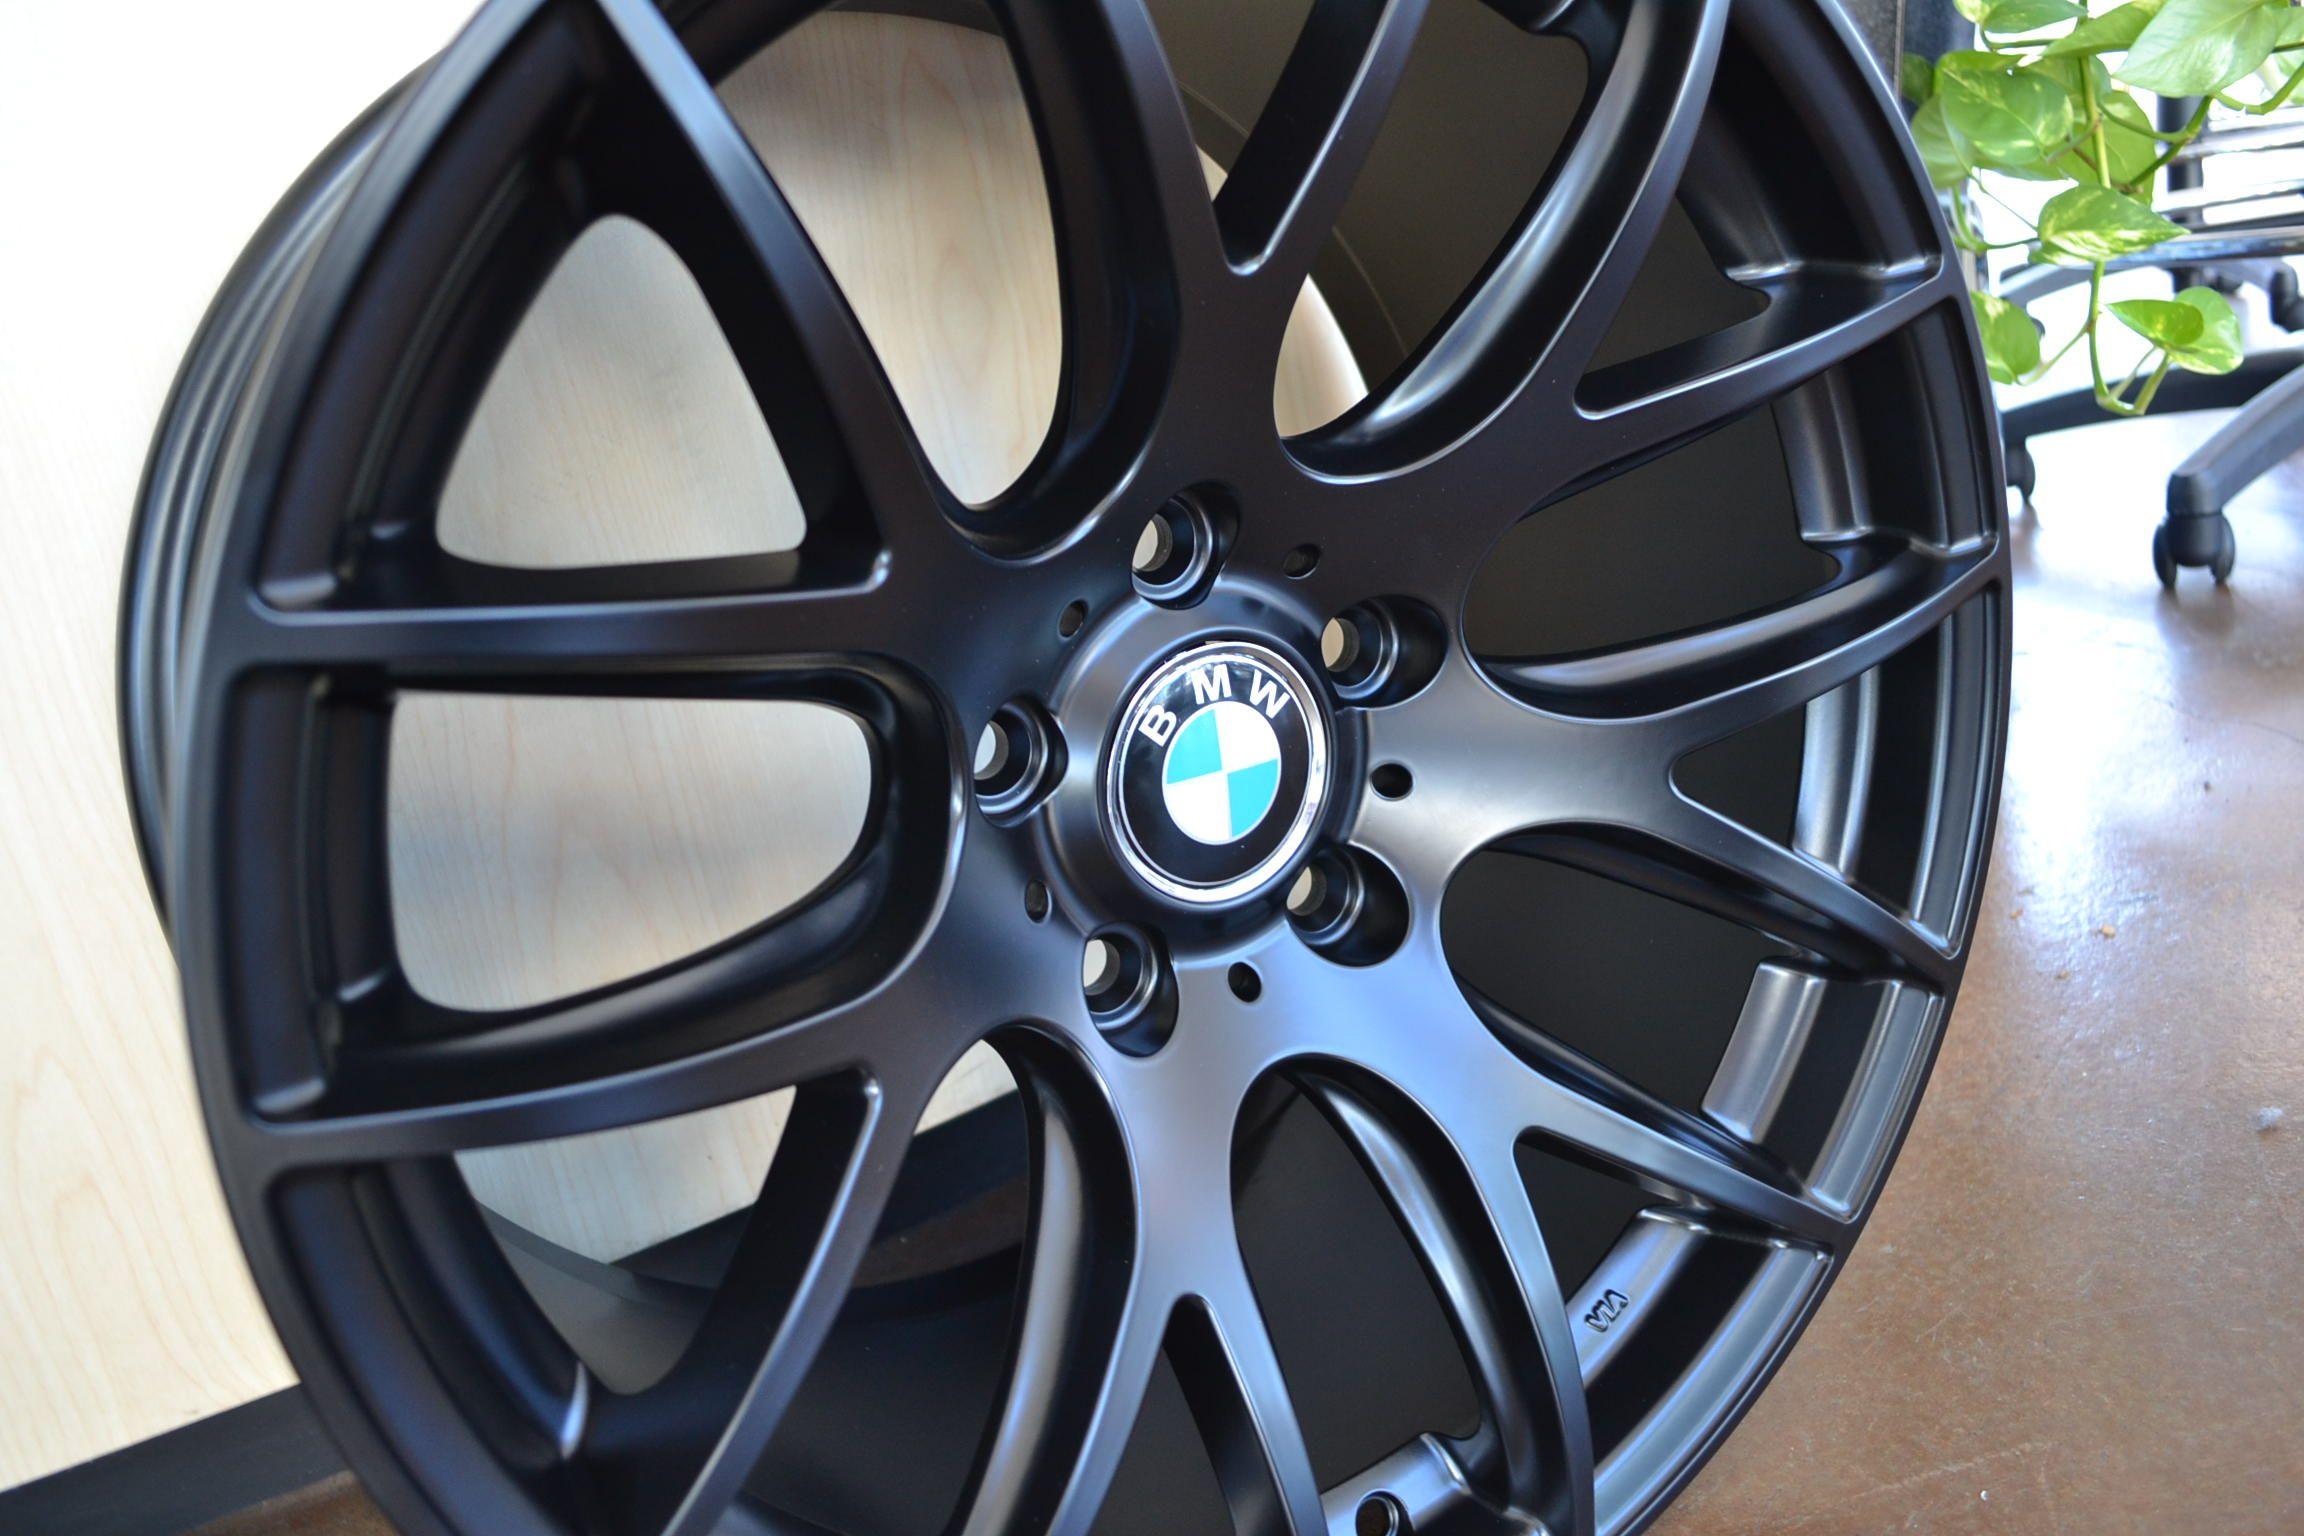 19 BMW Wheels Rims Tires 740i 740LI 745i 745LI E65 E66